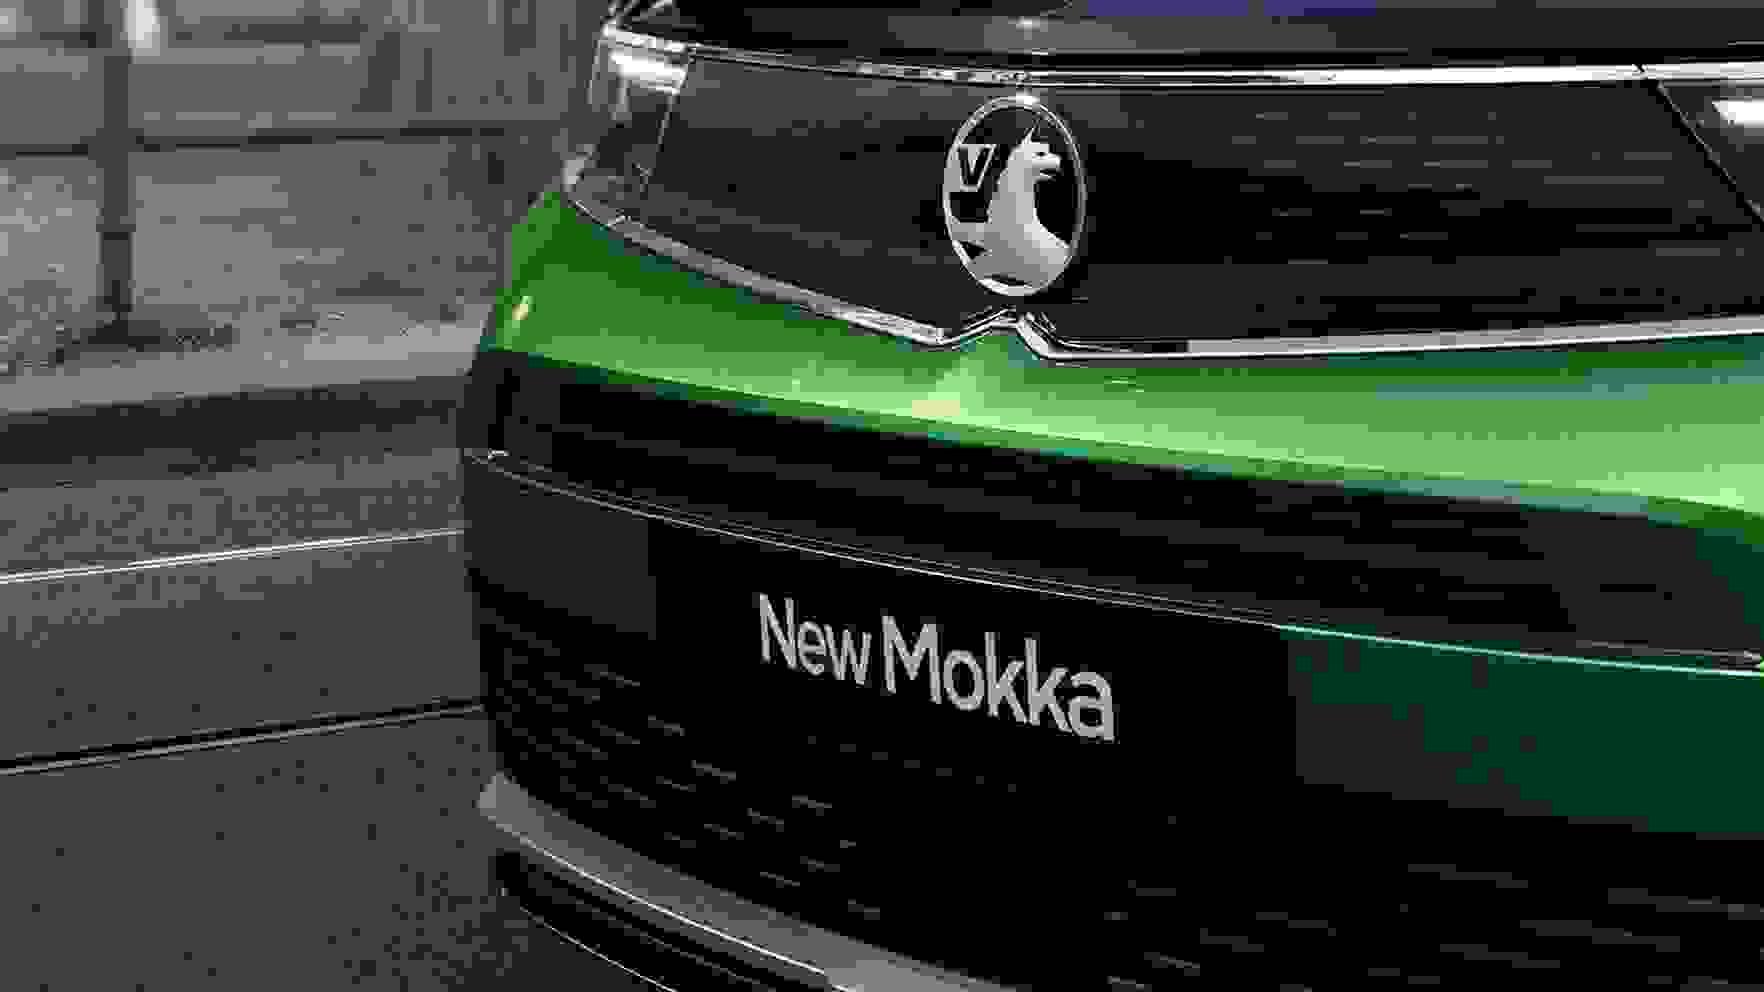 New Mokka